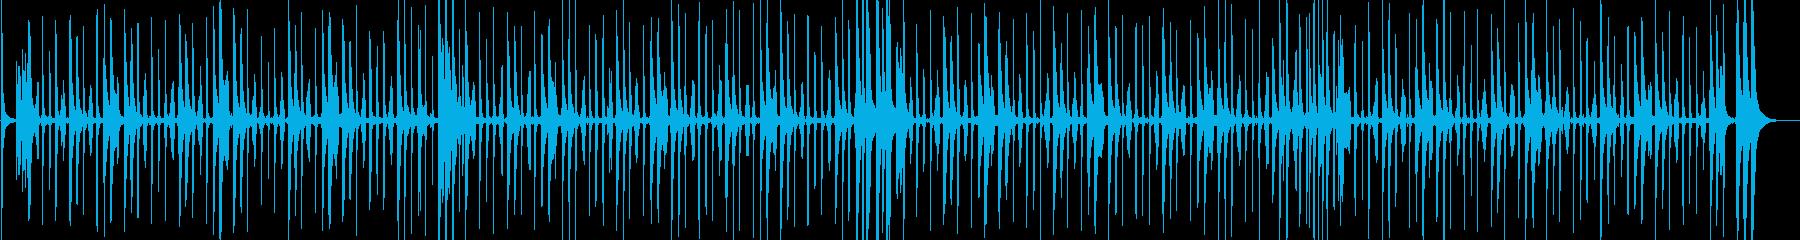 軽快なチャチャチャのリズム 生演奏の再生済みの波形